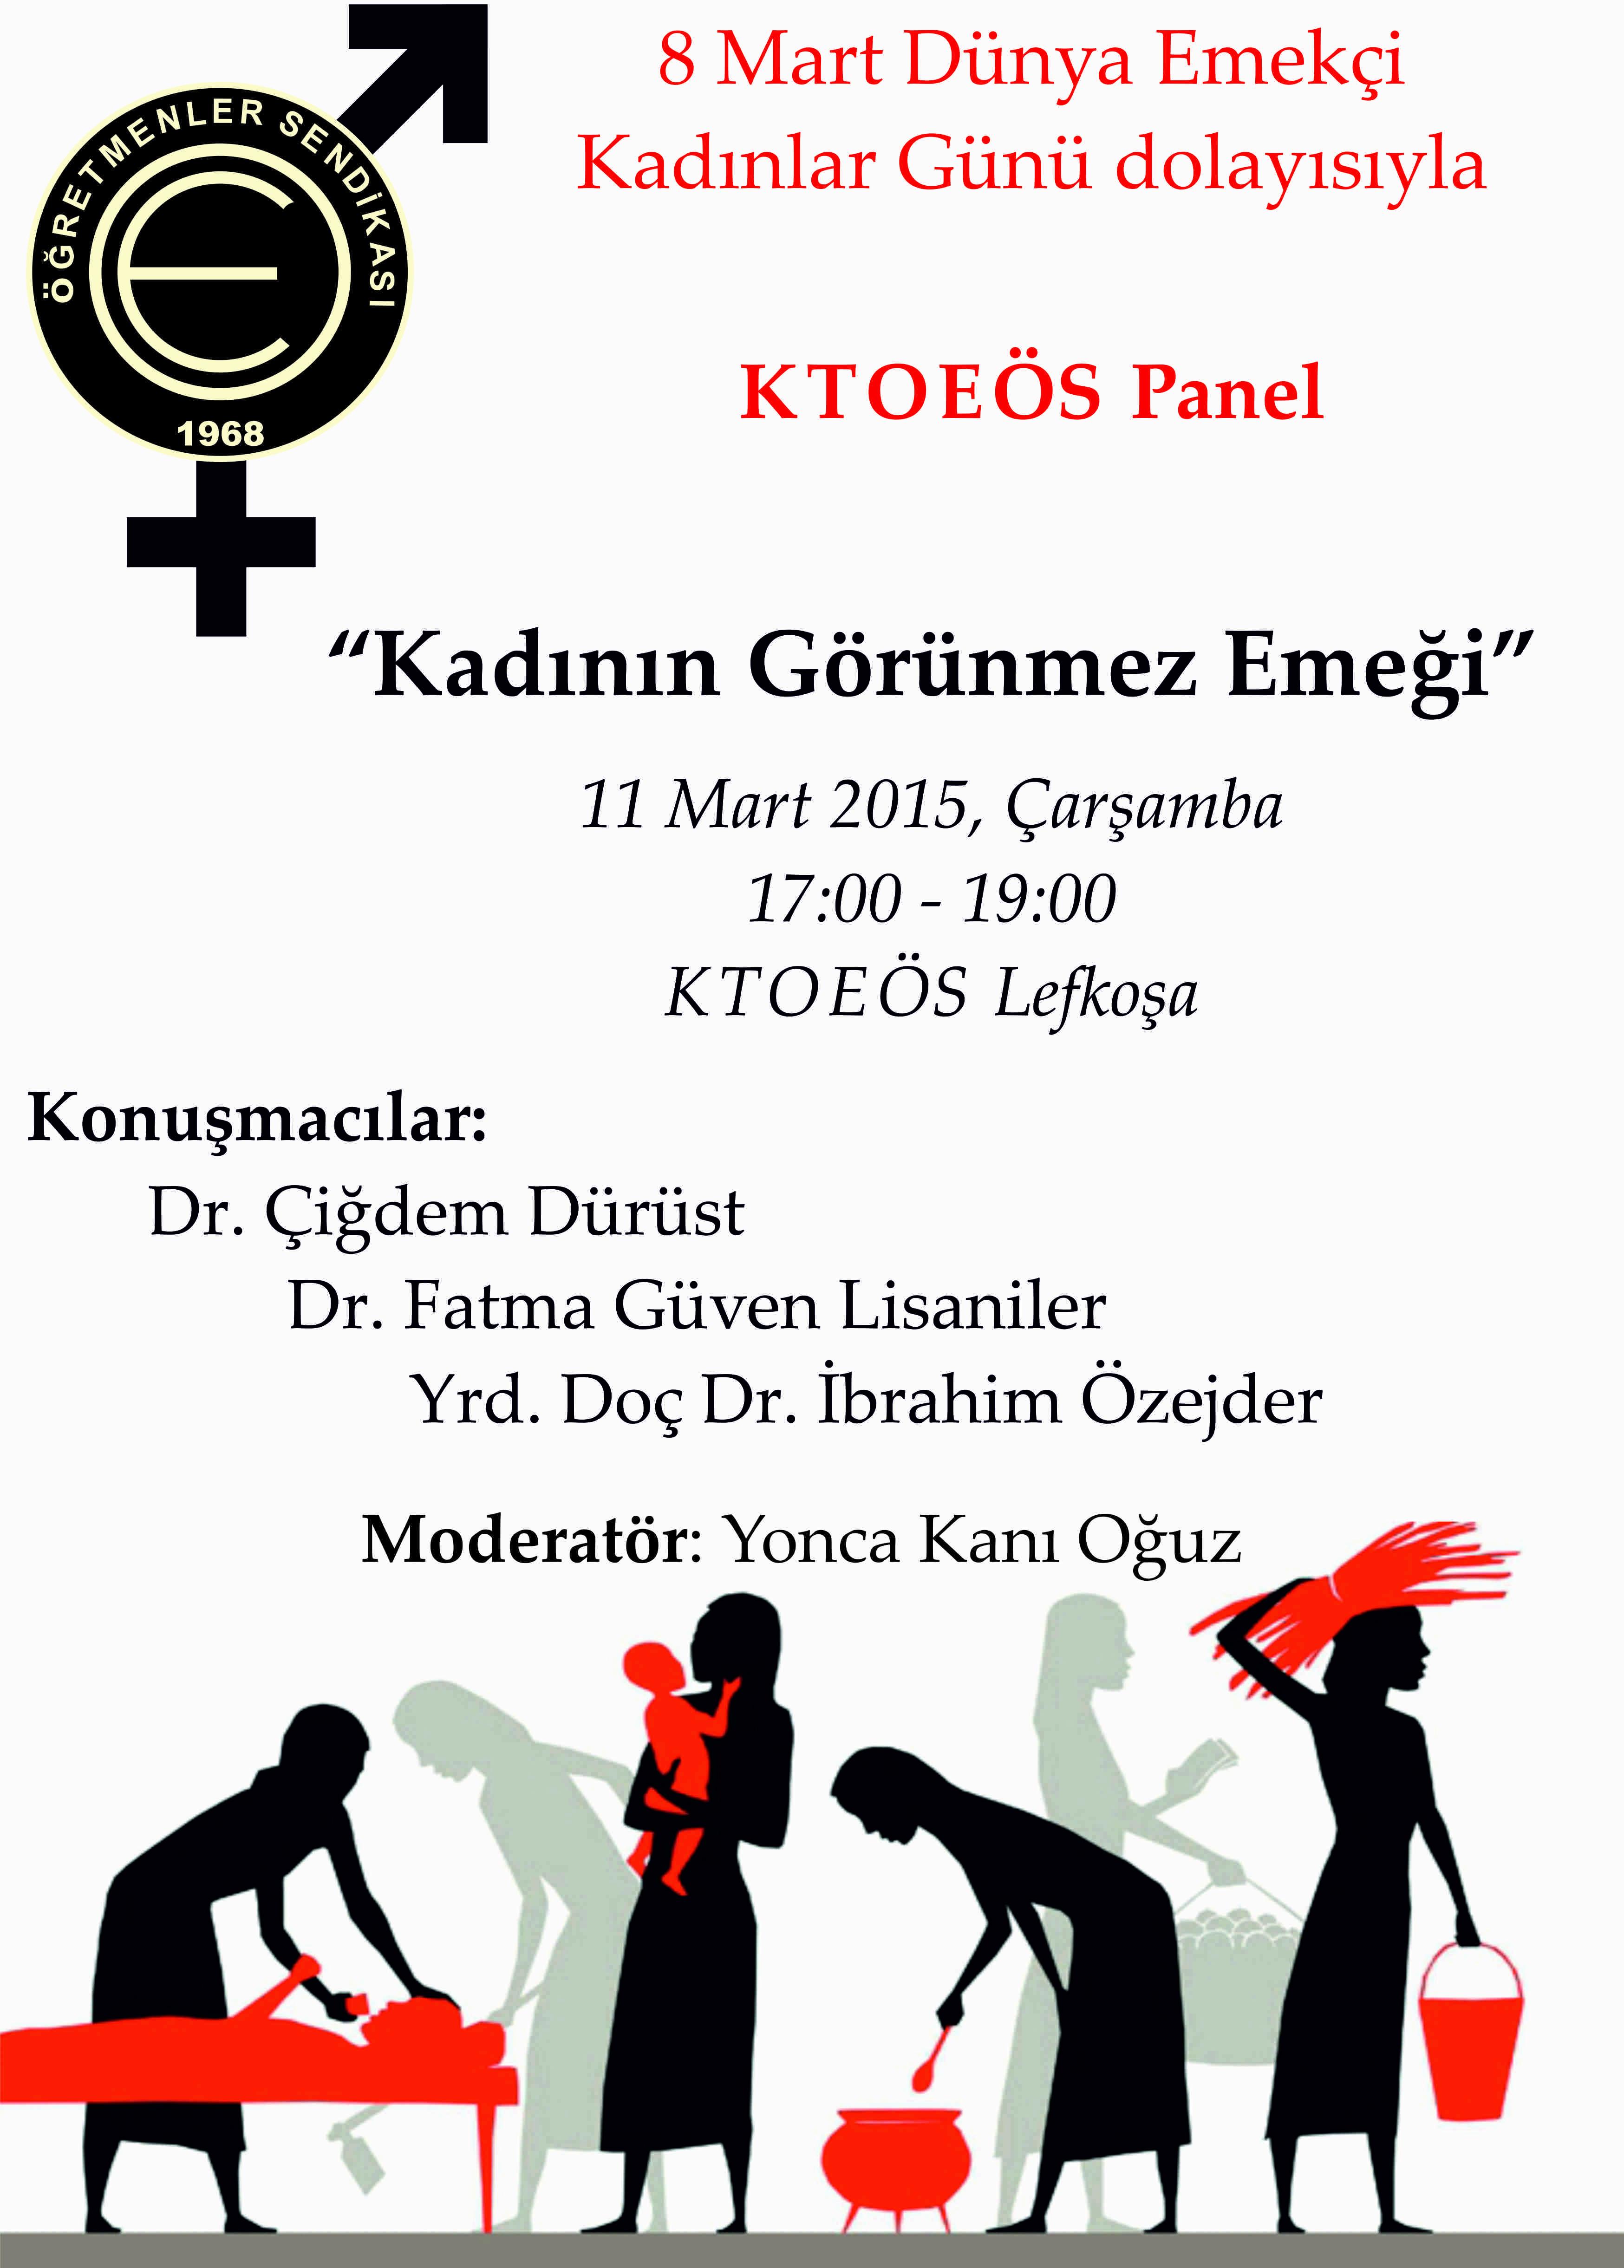 POSTER kadının gorunmez emegi paneli KTOEOS 11 Mart 2015